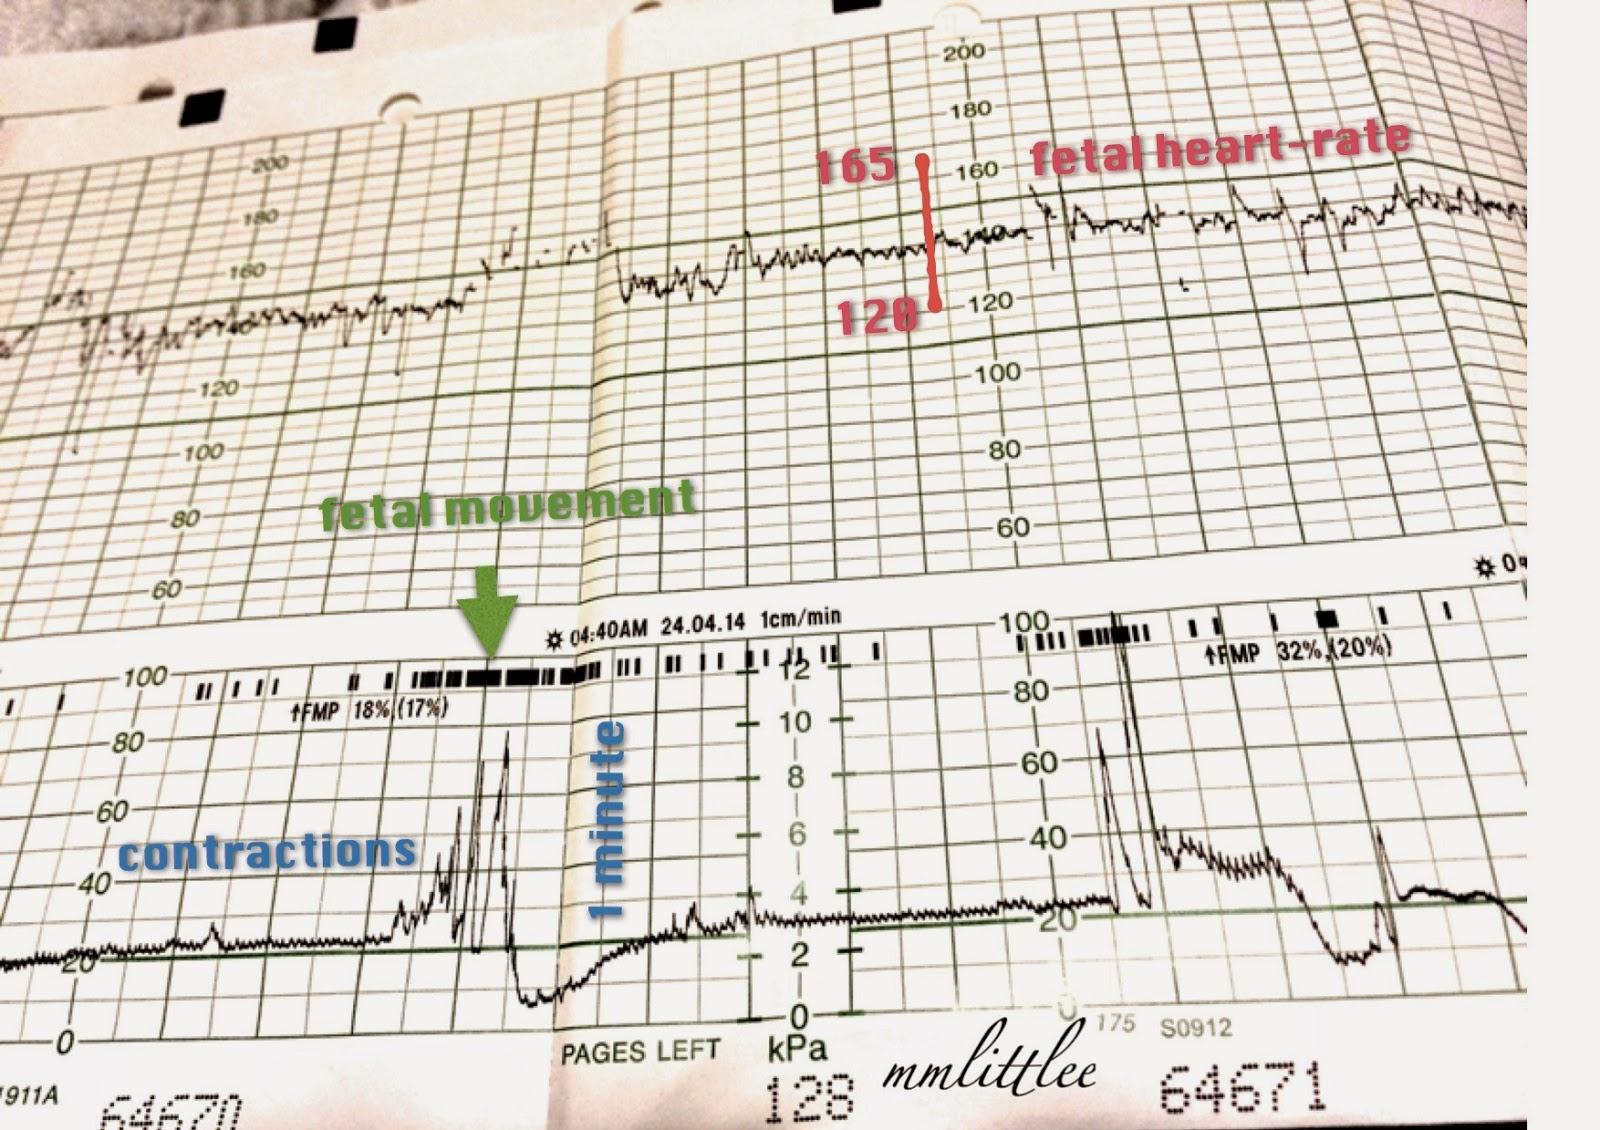 Fetal heart rate normal values images fetal heart rate normal values fetal heart rate the top part fetal heart rate the top part source abuse report nvjuhfo Choice Image